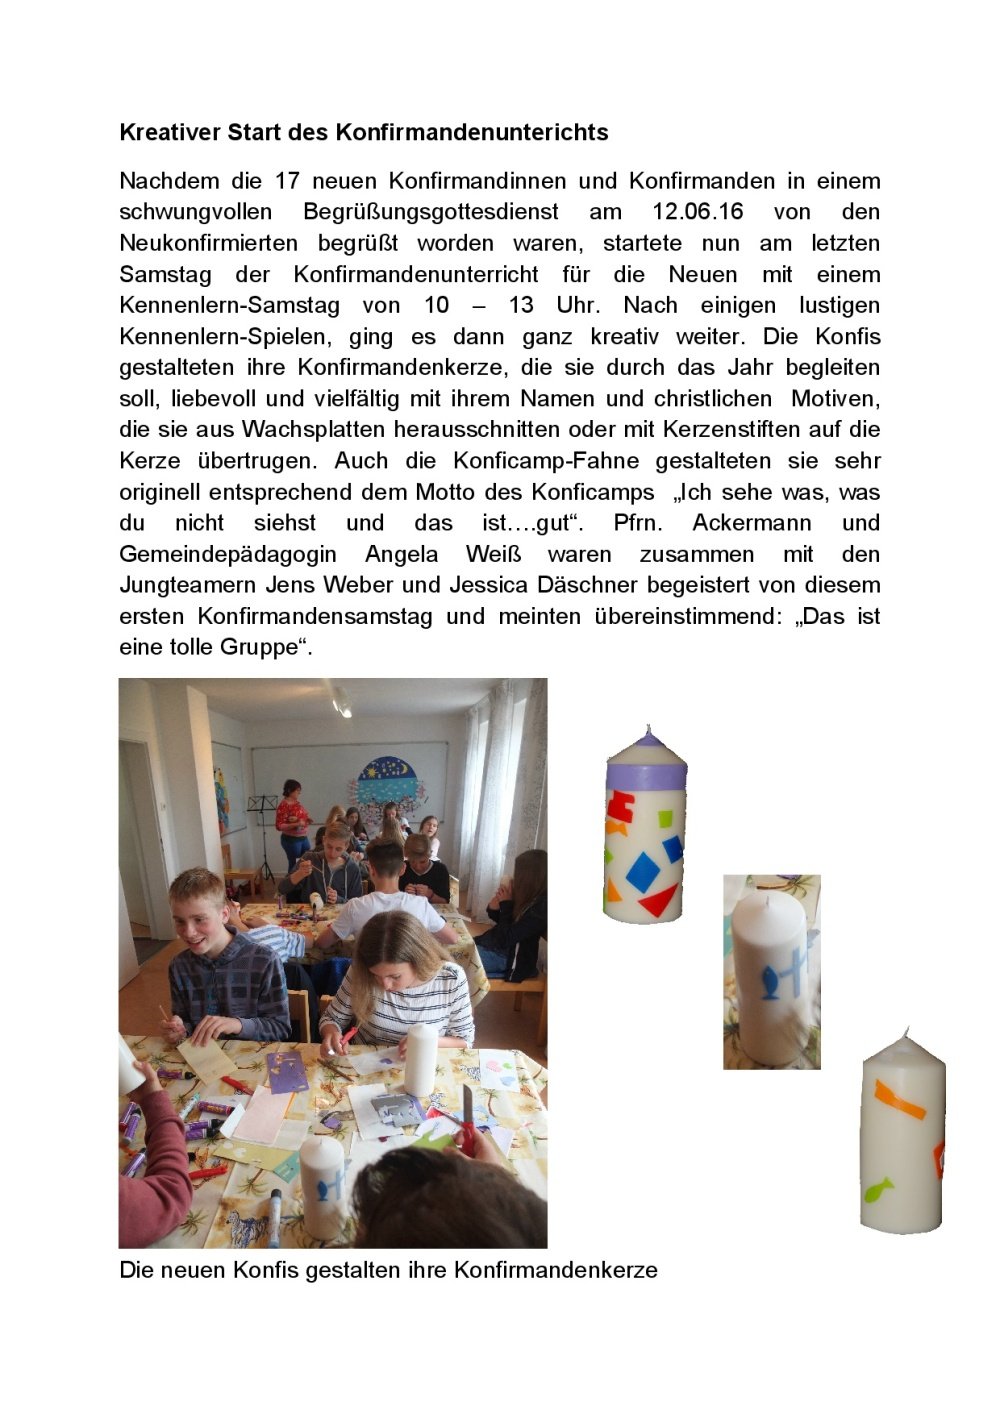 2016-06-18-kennenlernsamstag-neue-konfis-001